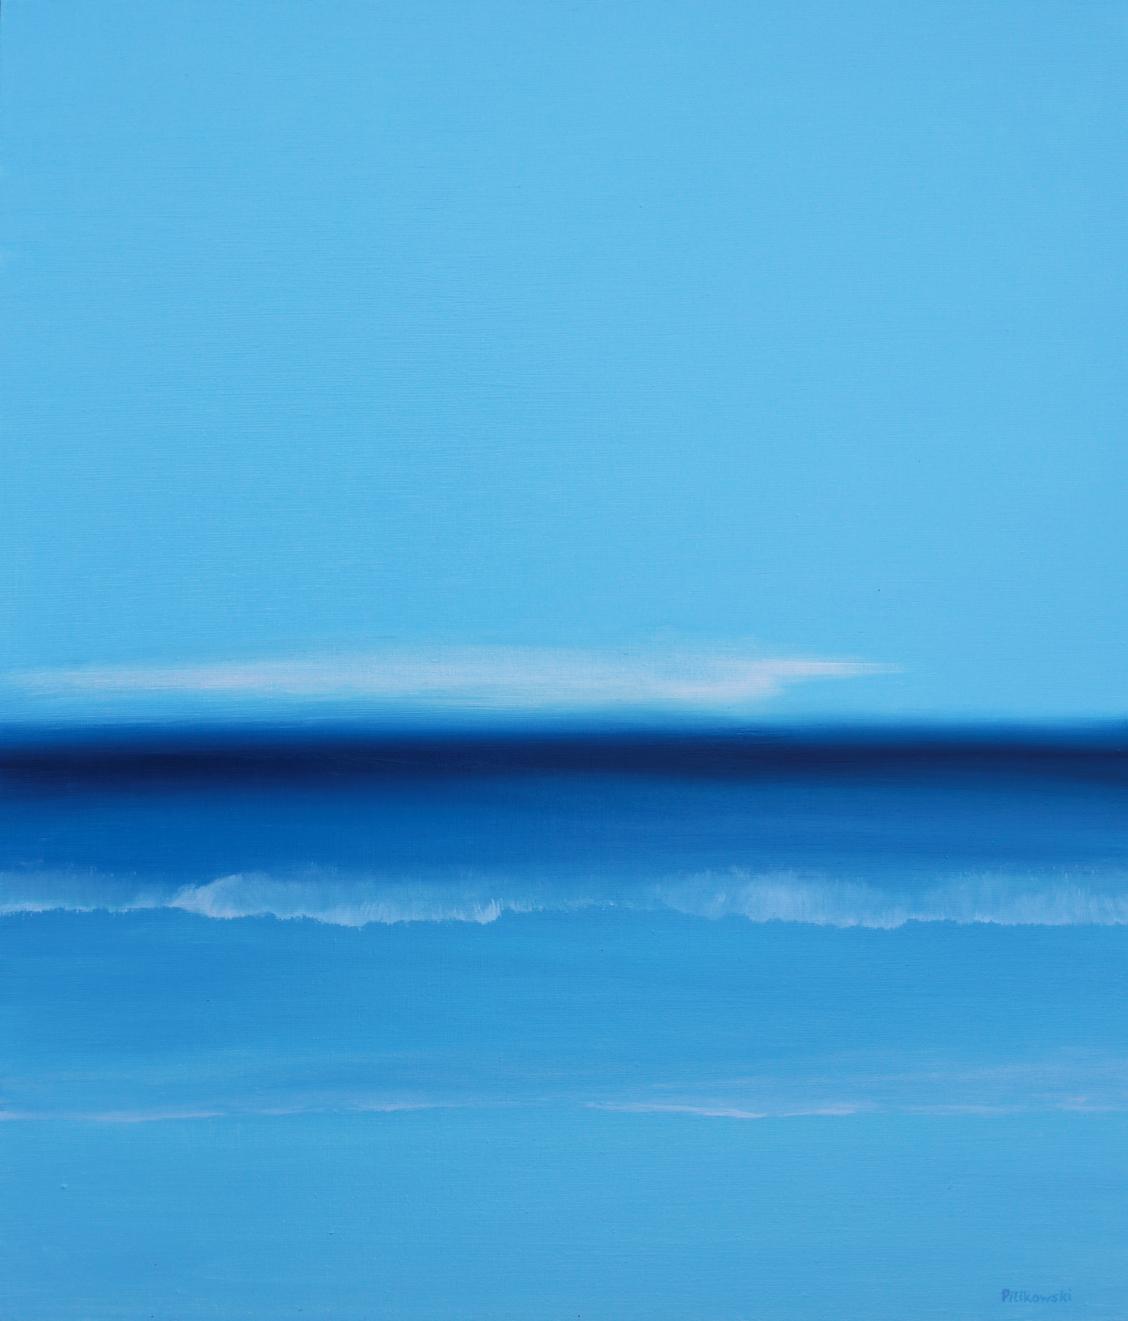 Obraz morza 4